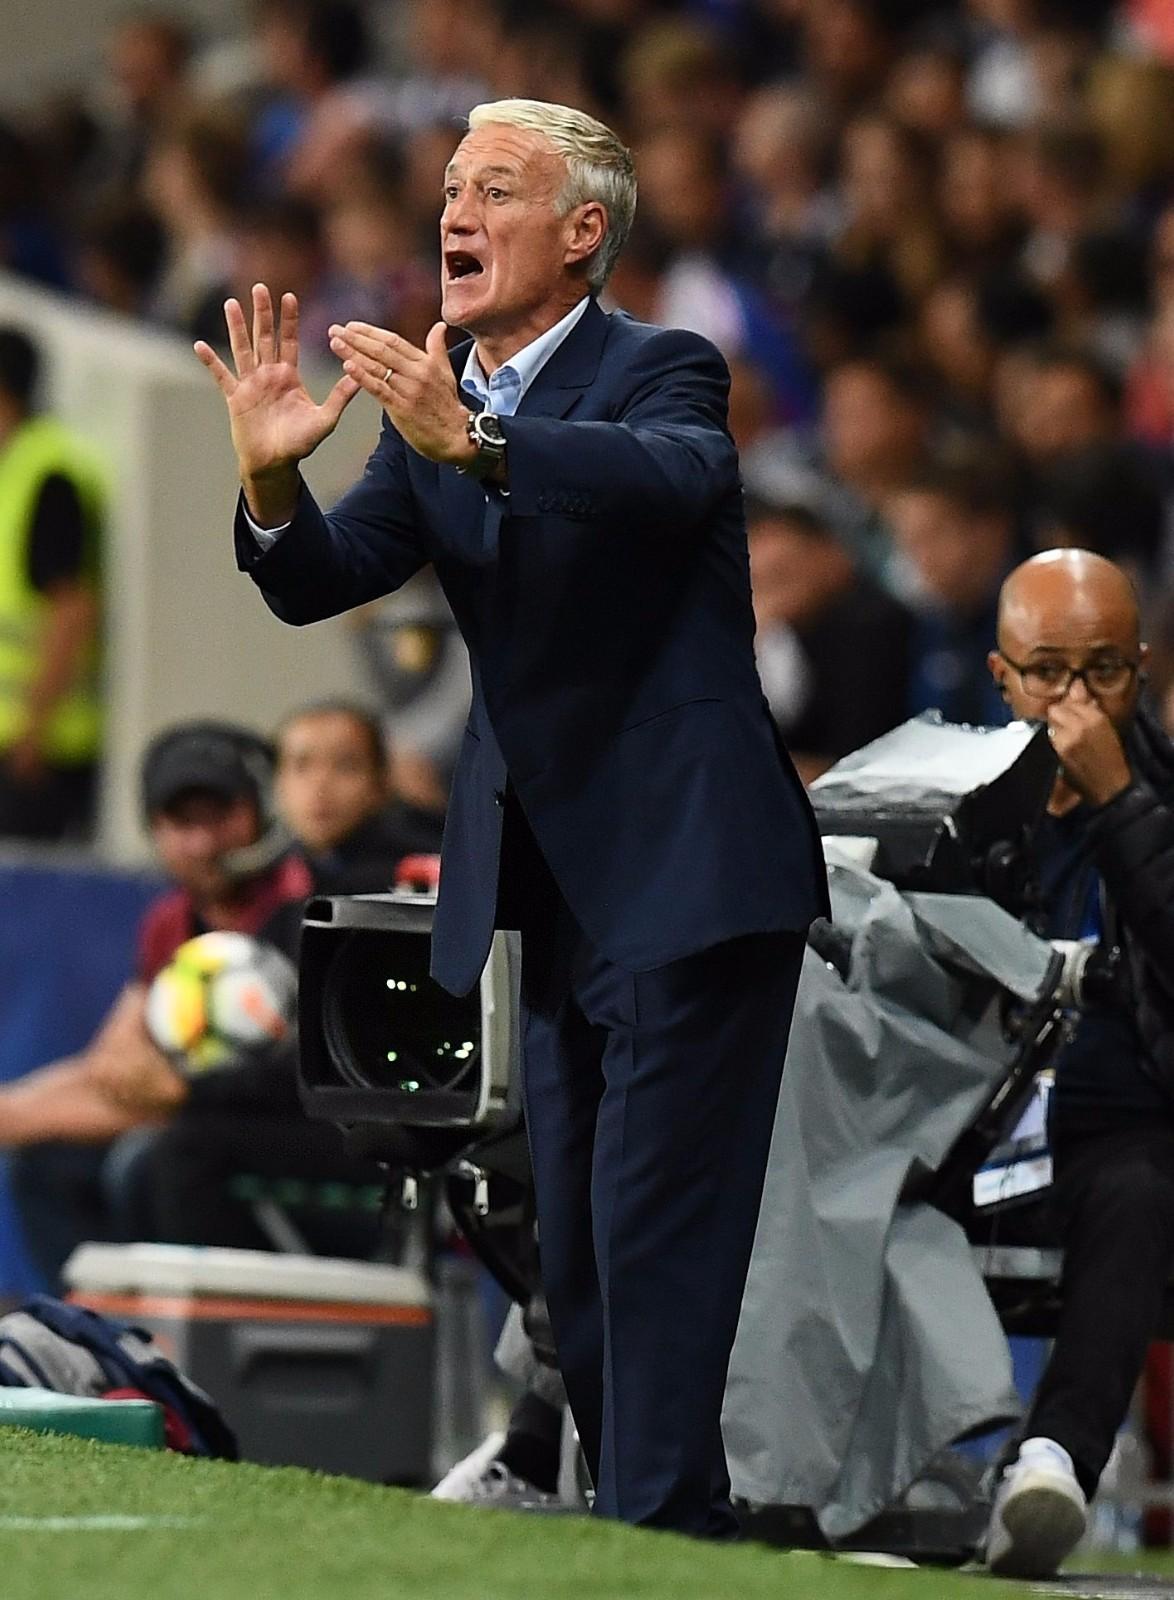 图为2017年9月3日,在2018年俄罗斯世界杯预选赛欧洲区对阵卢森堡队的比赛中,法国队主教练德尚在场边指挥。